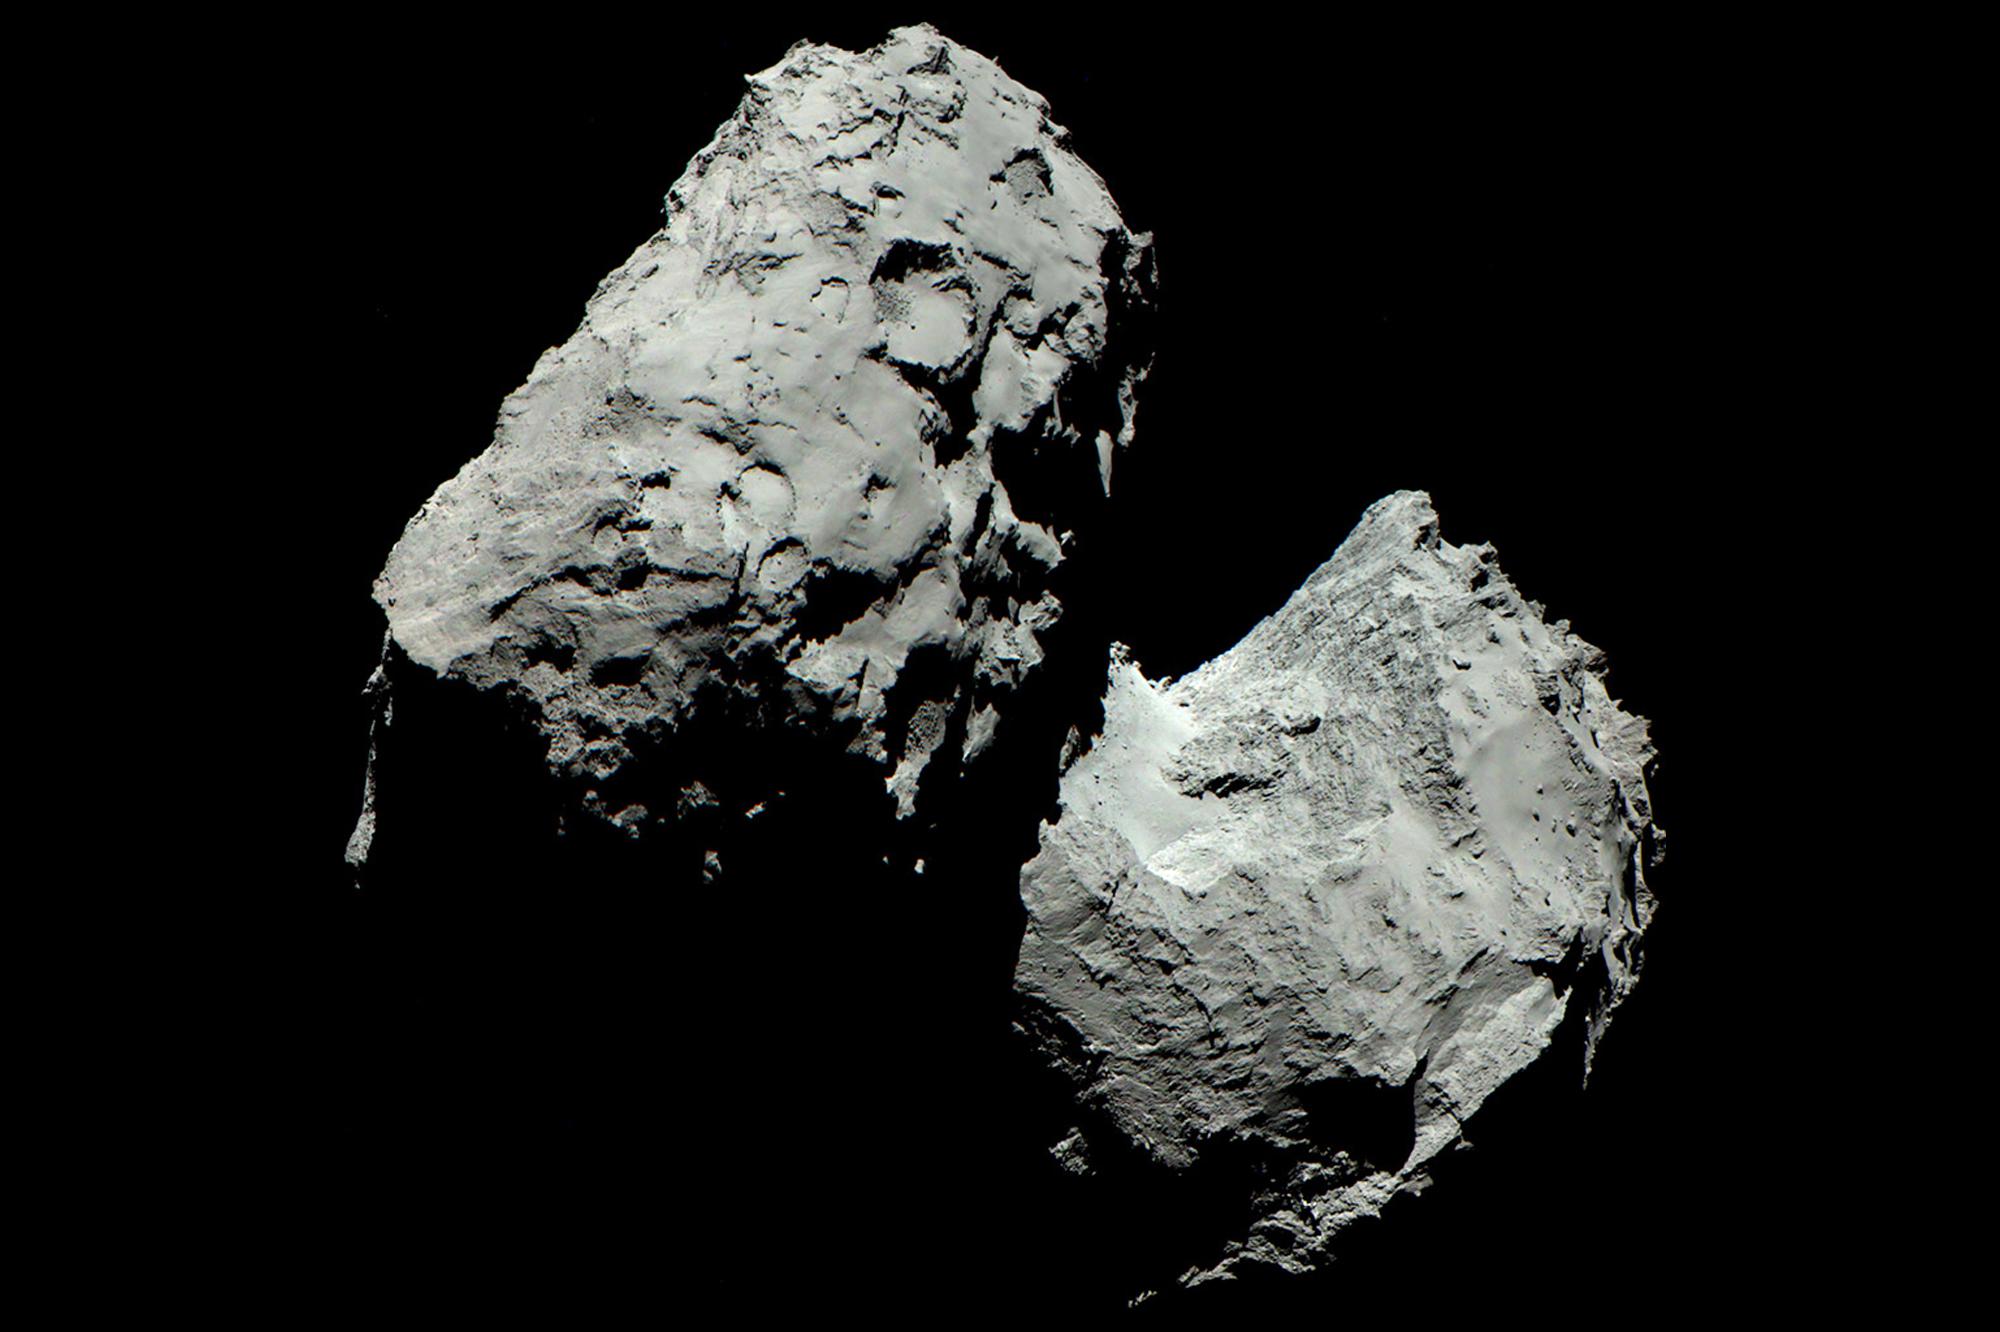 Le carbone de Tchouri nous en apprend plus sur l'apparition de la vie sur Terre